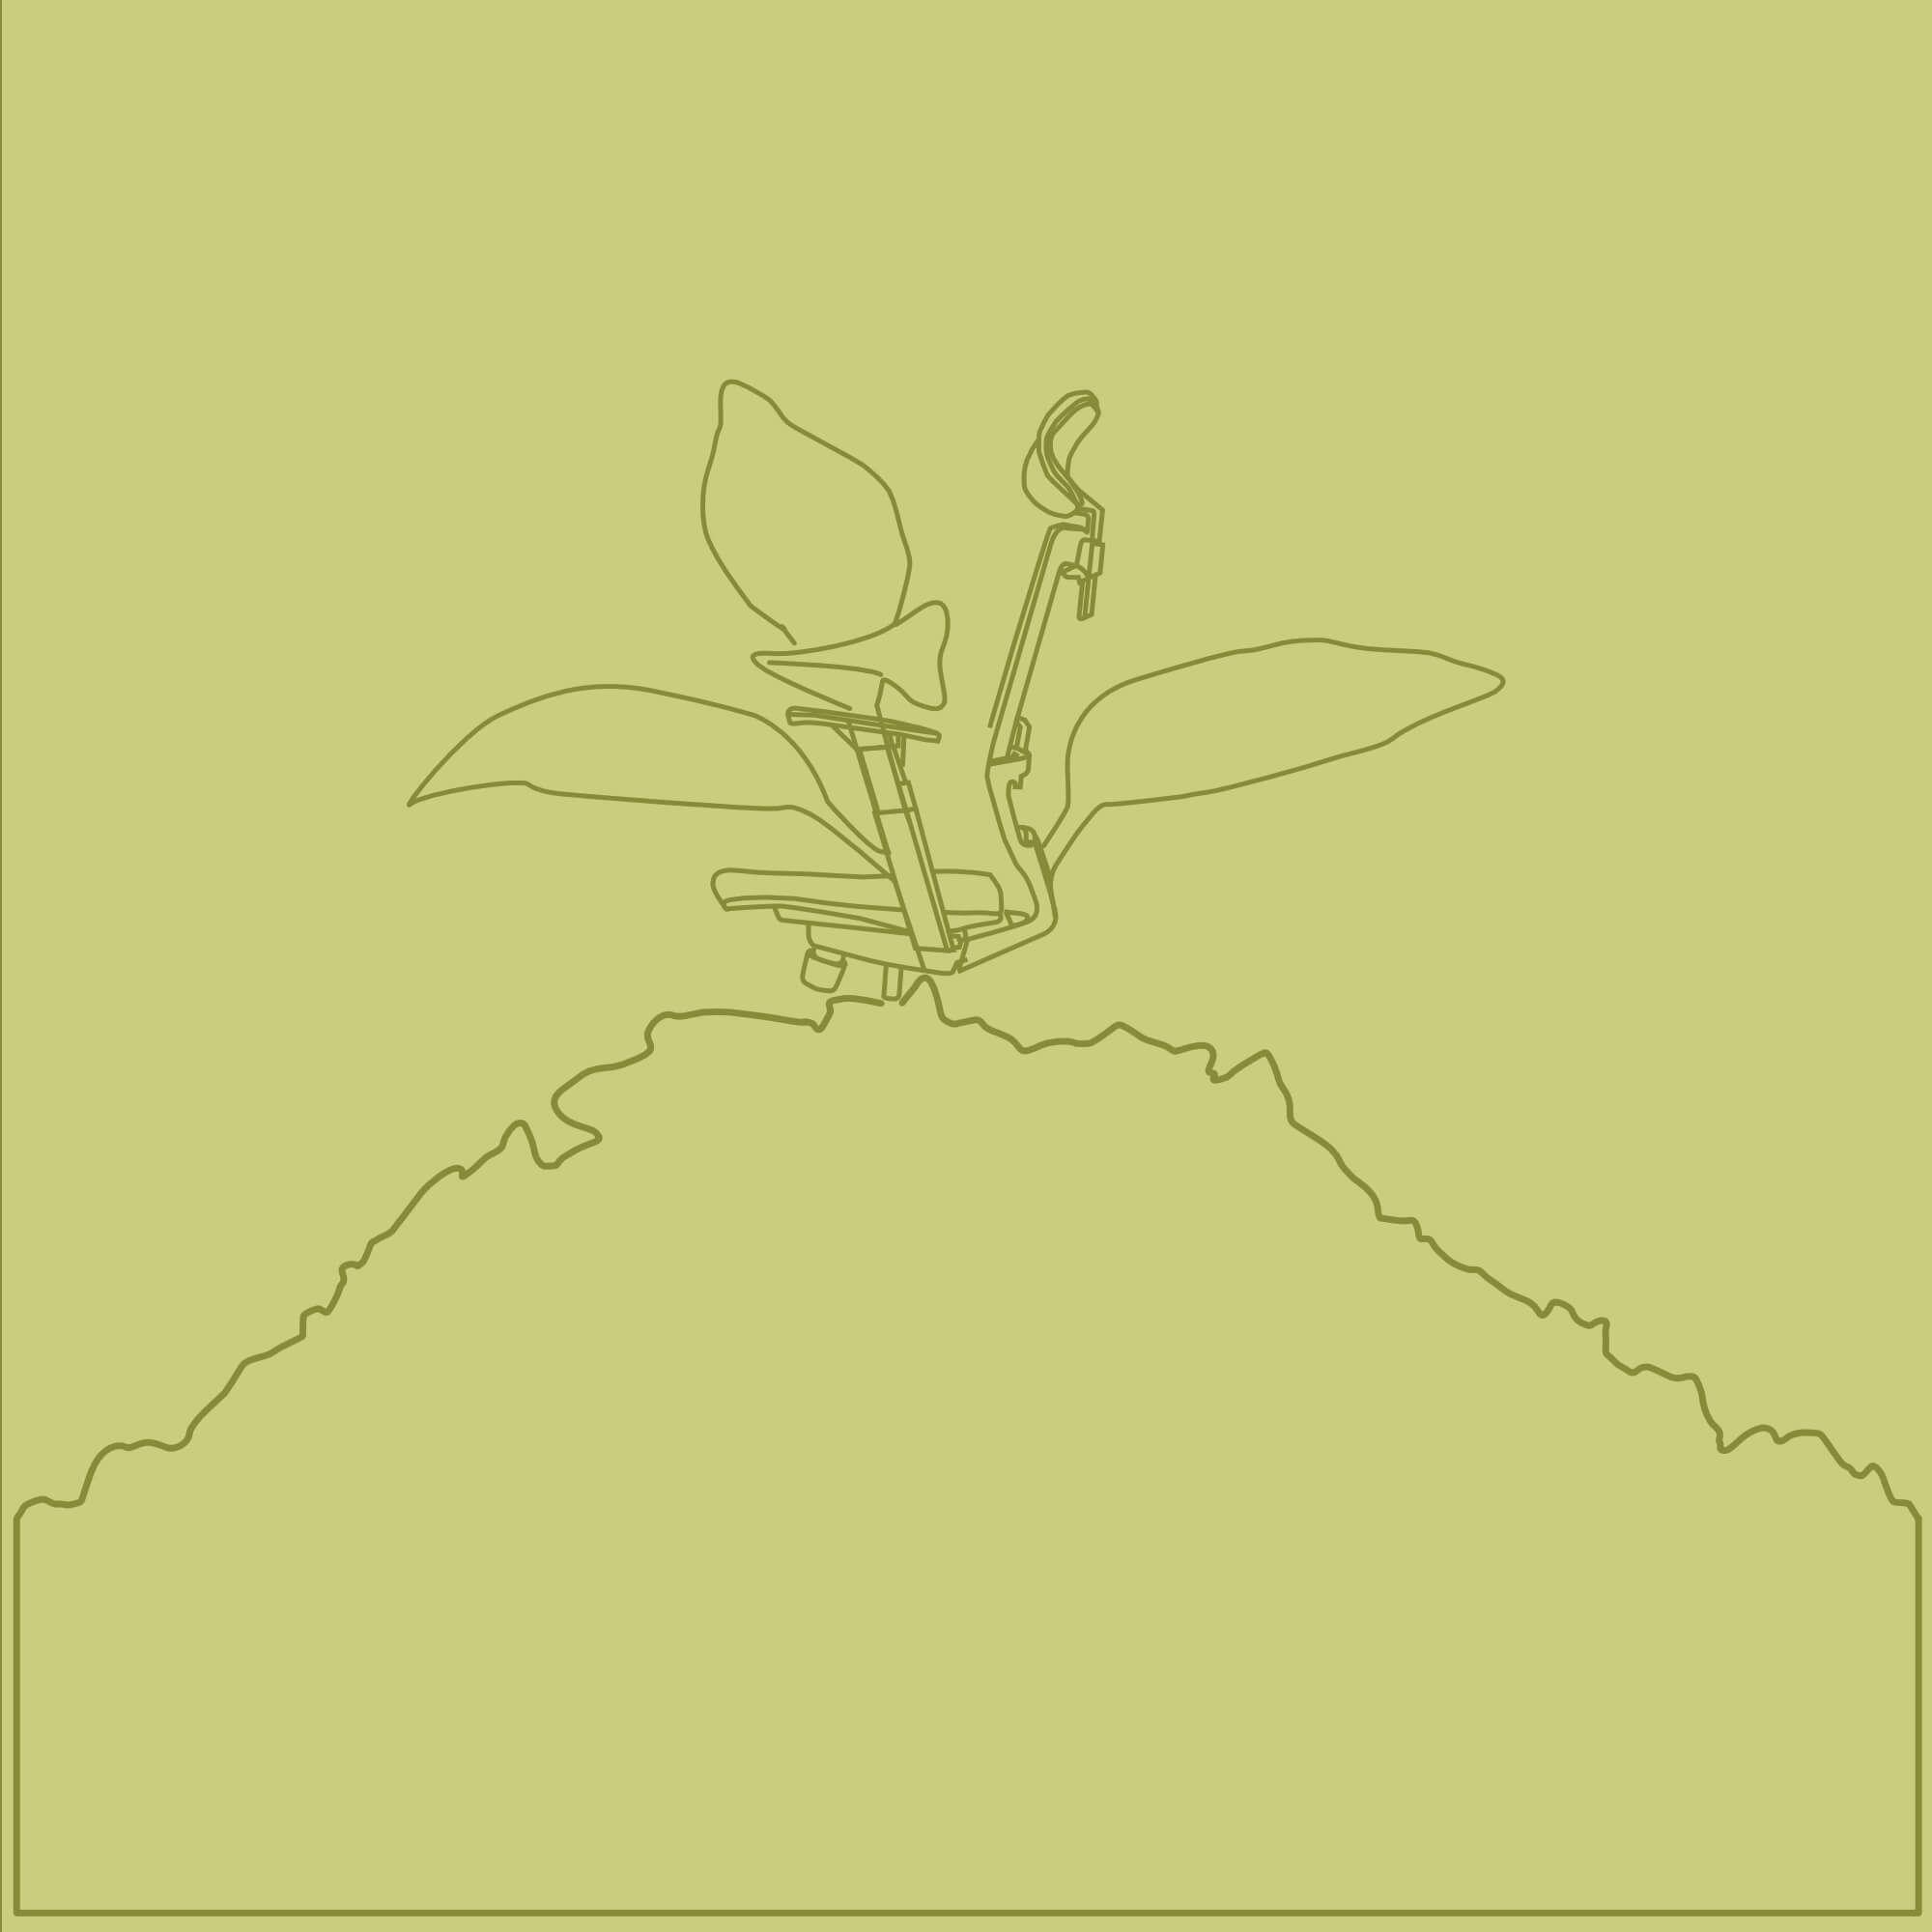 Silla de oficina ecologica